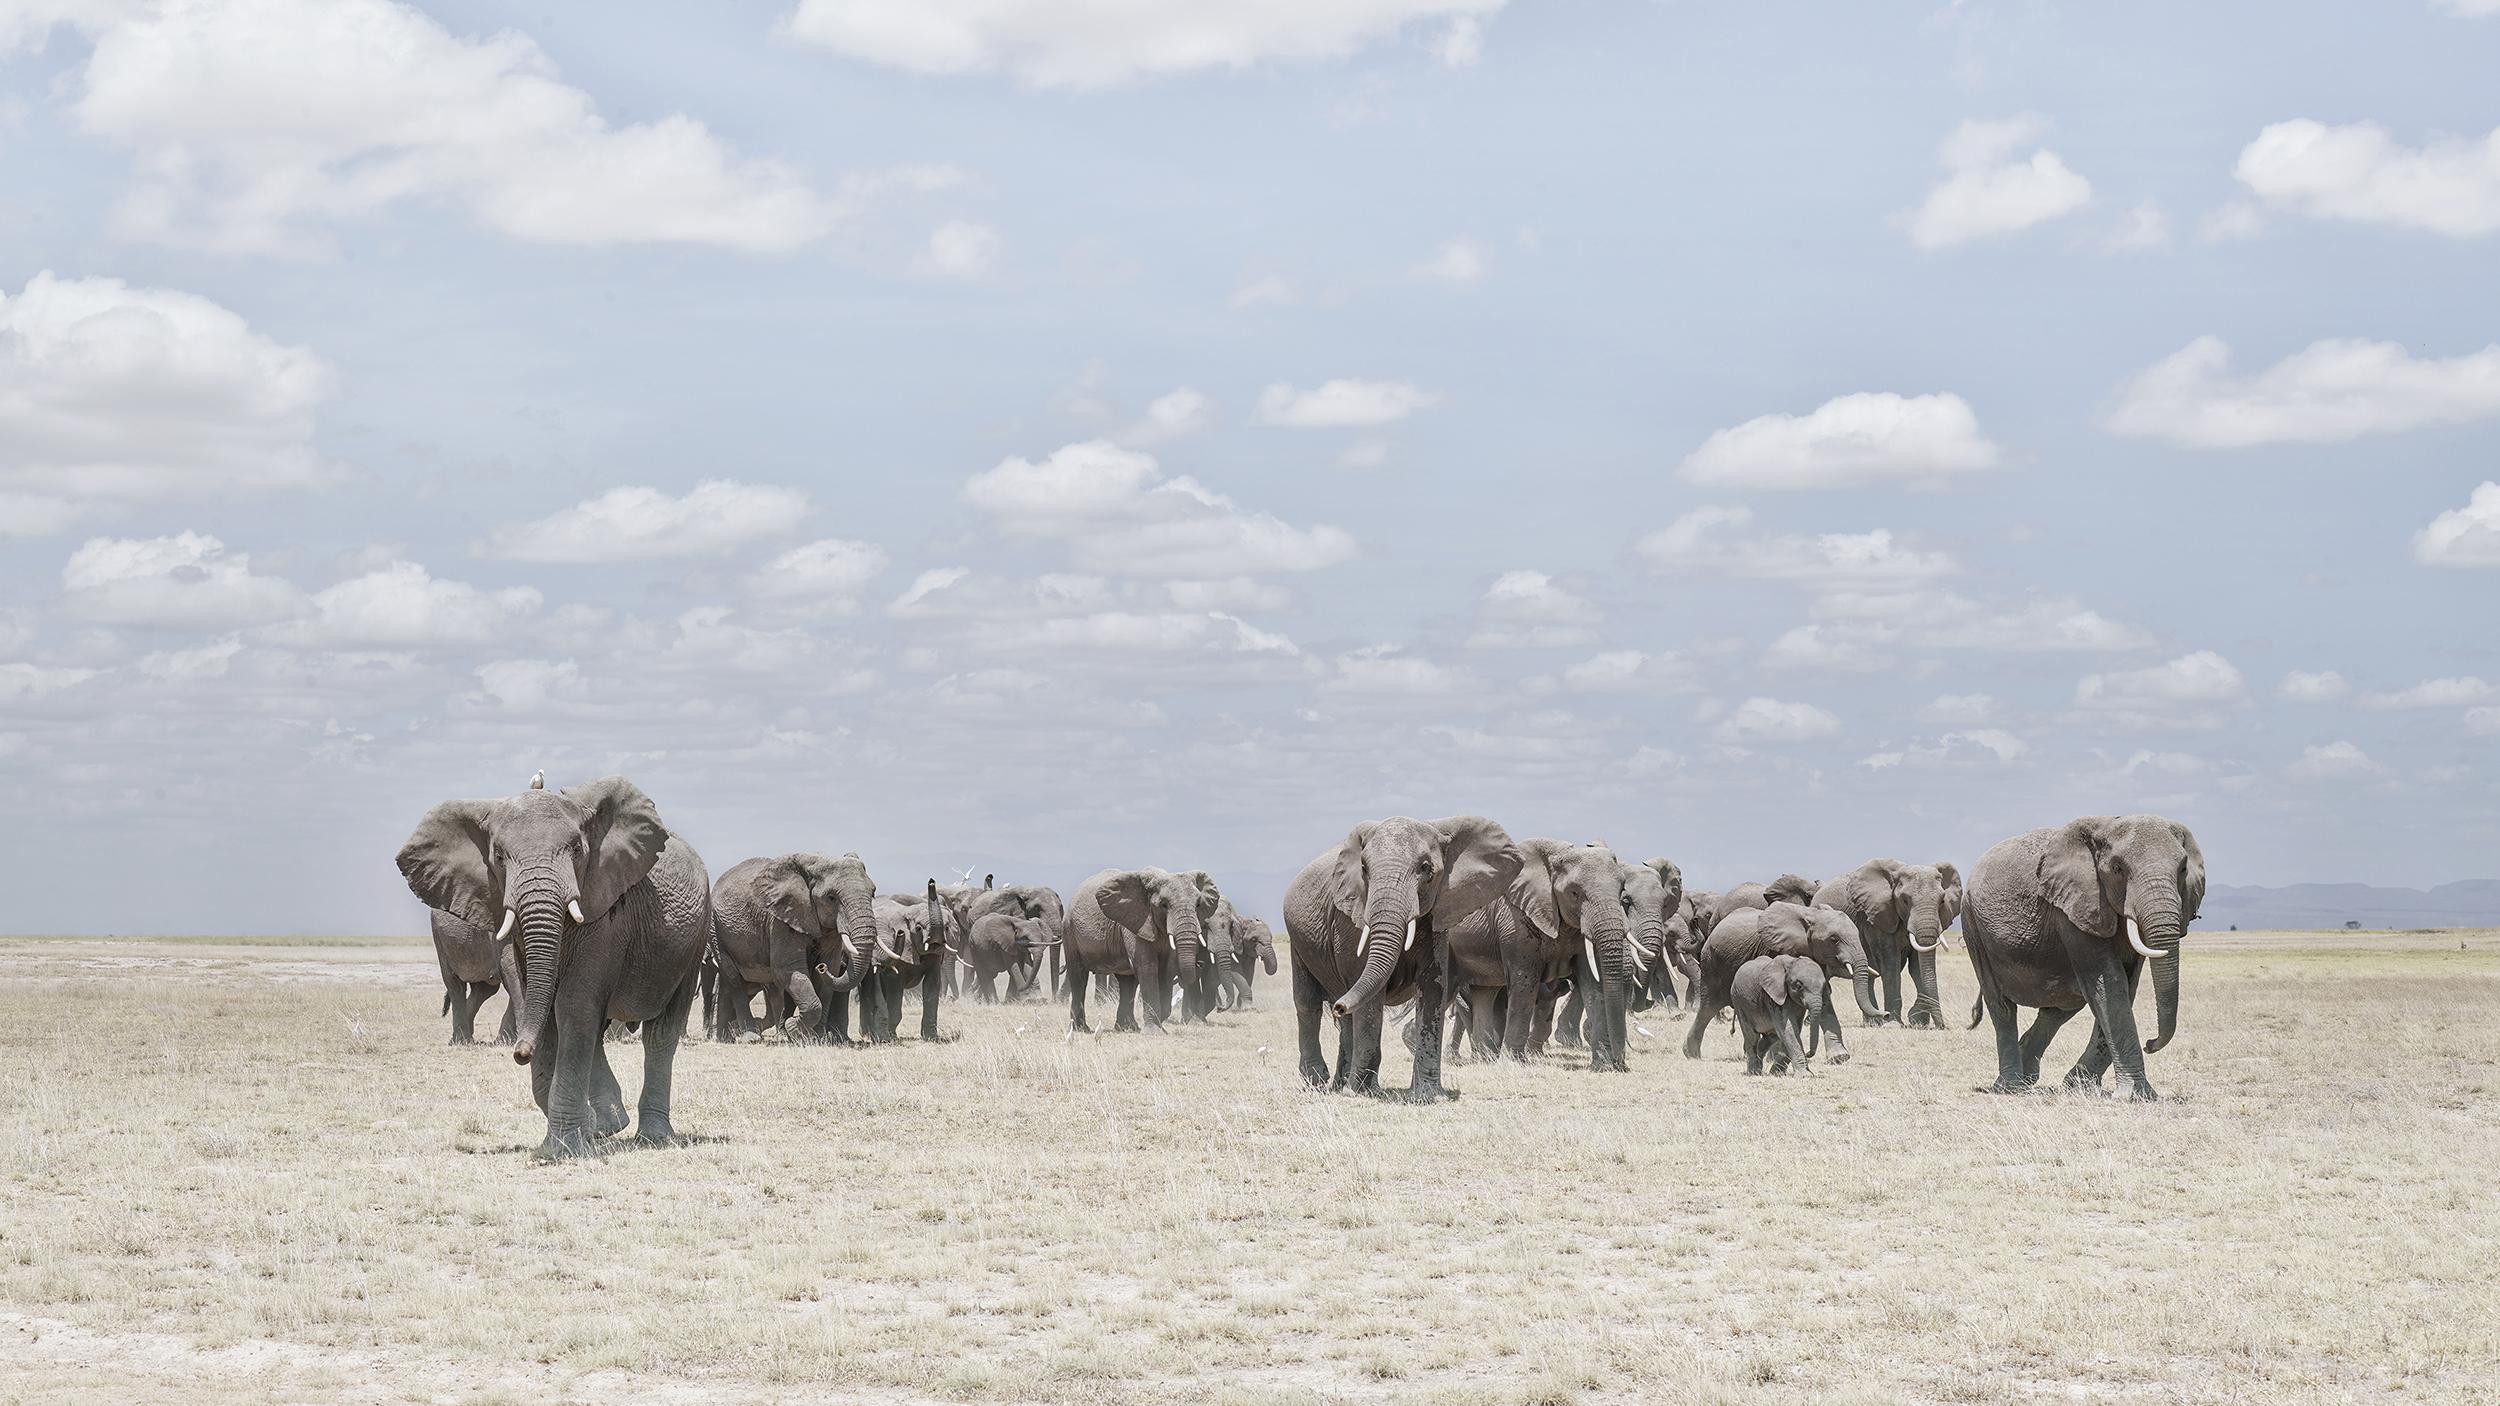 Elephants  Crossing Dusty Plain, Ambosel